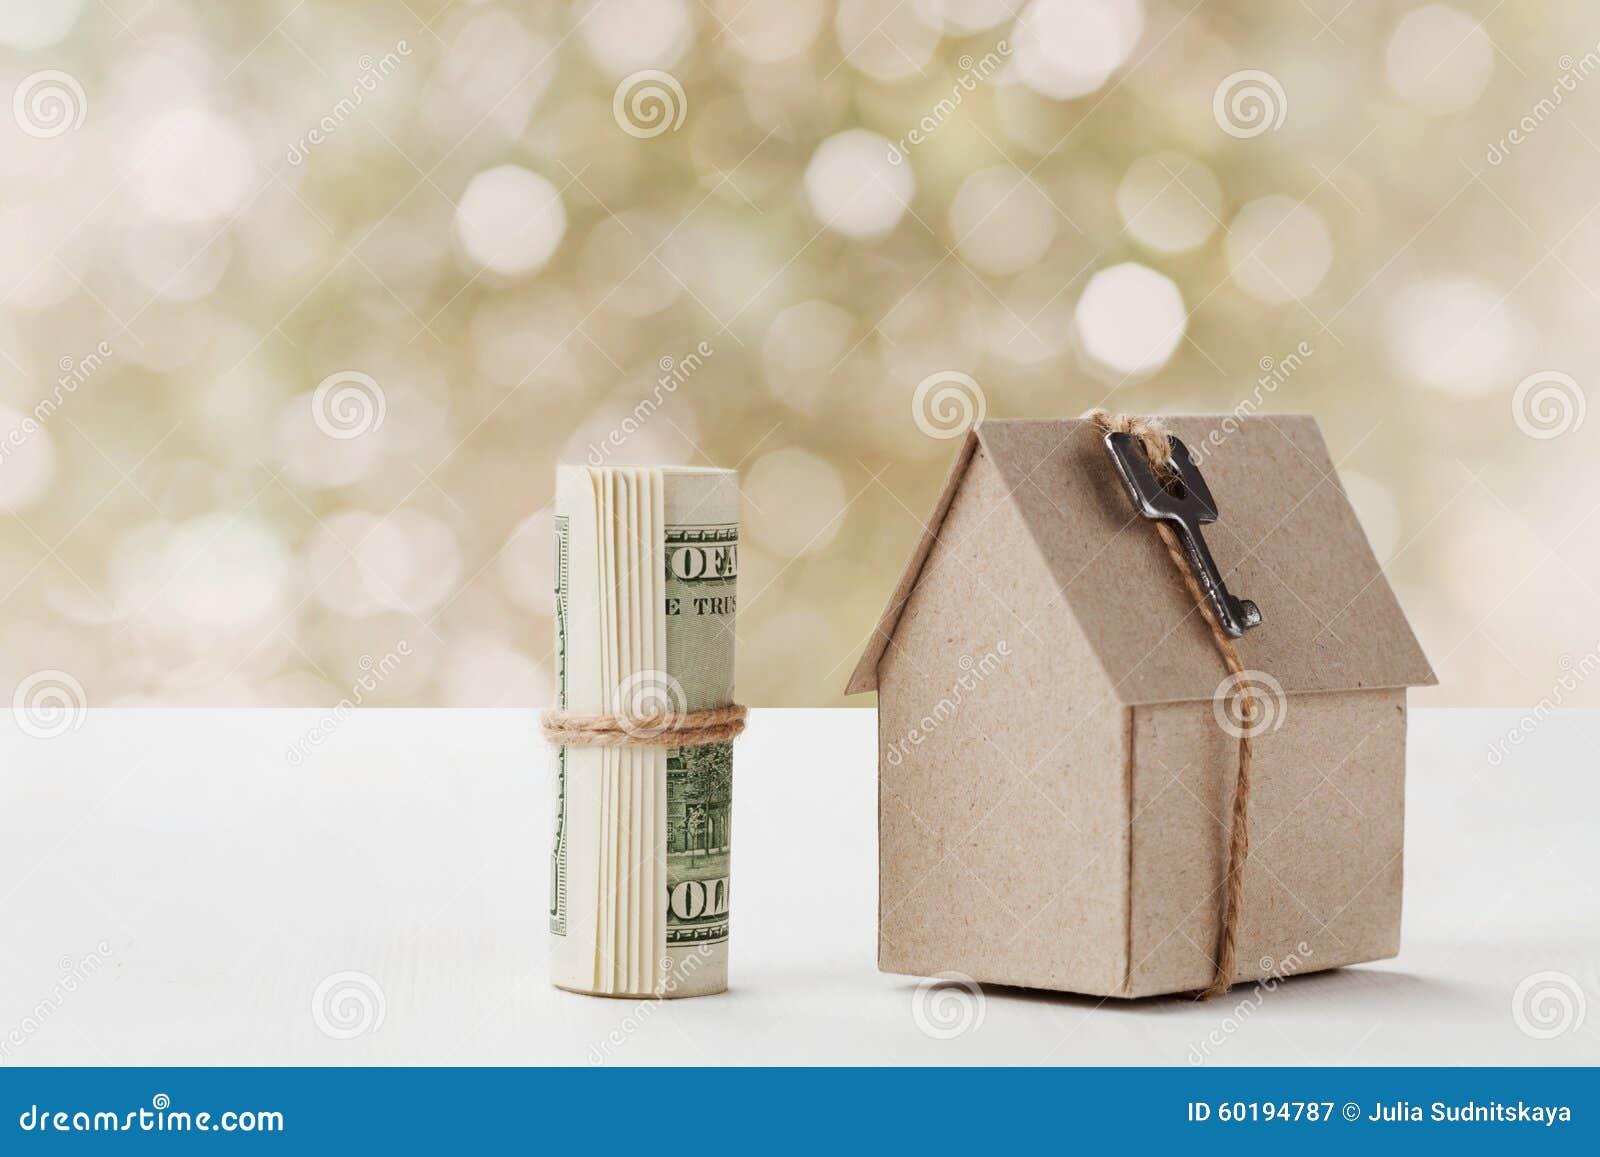 Modell des Papphauses mit Schlüssel- und Dollarscheinen Wohnungsbau, Darlehen, Immobilien, Kosten Wohnung oder Kaufen ein neues H